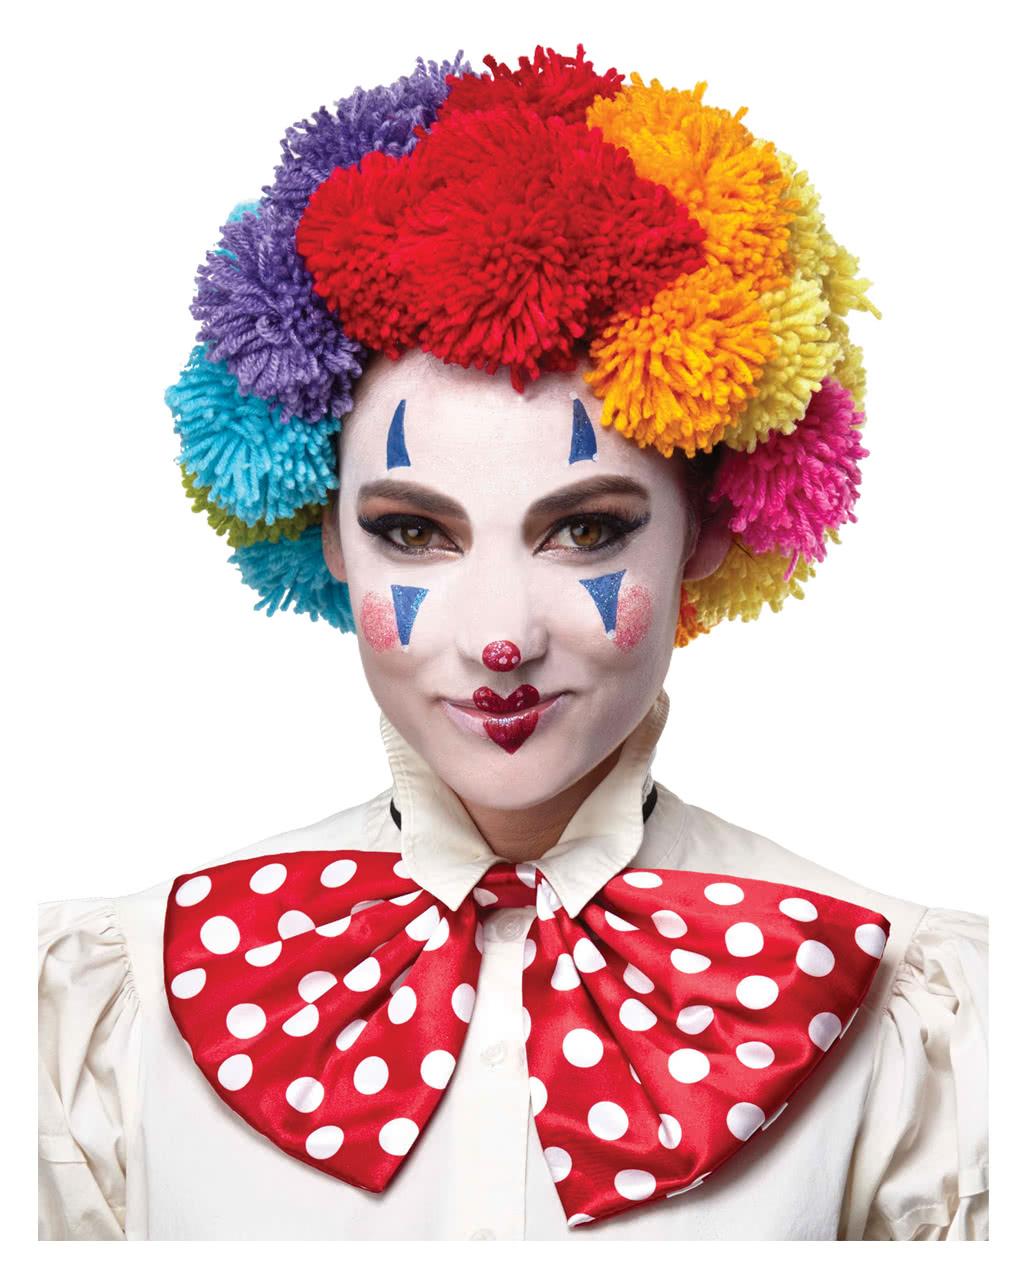 la s wigs halloween cosplay wigs for women horror shop